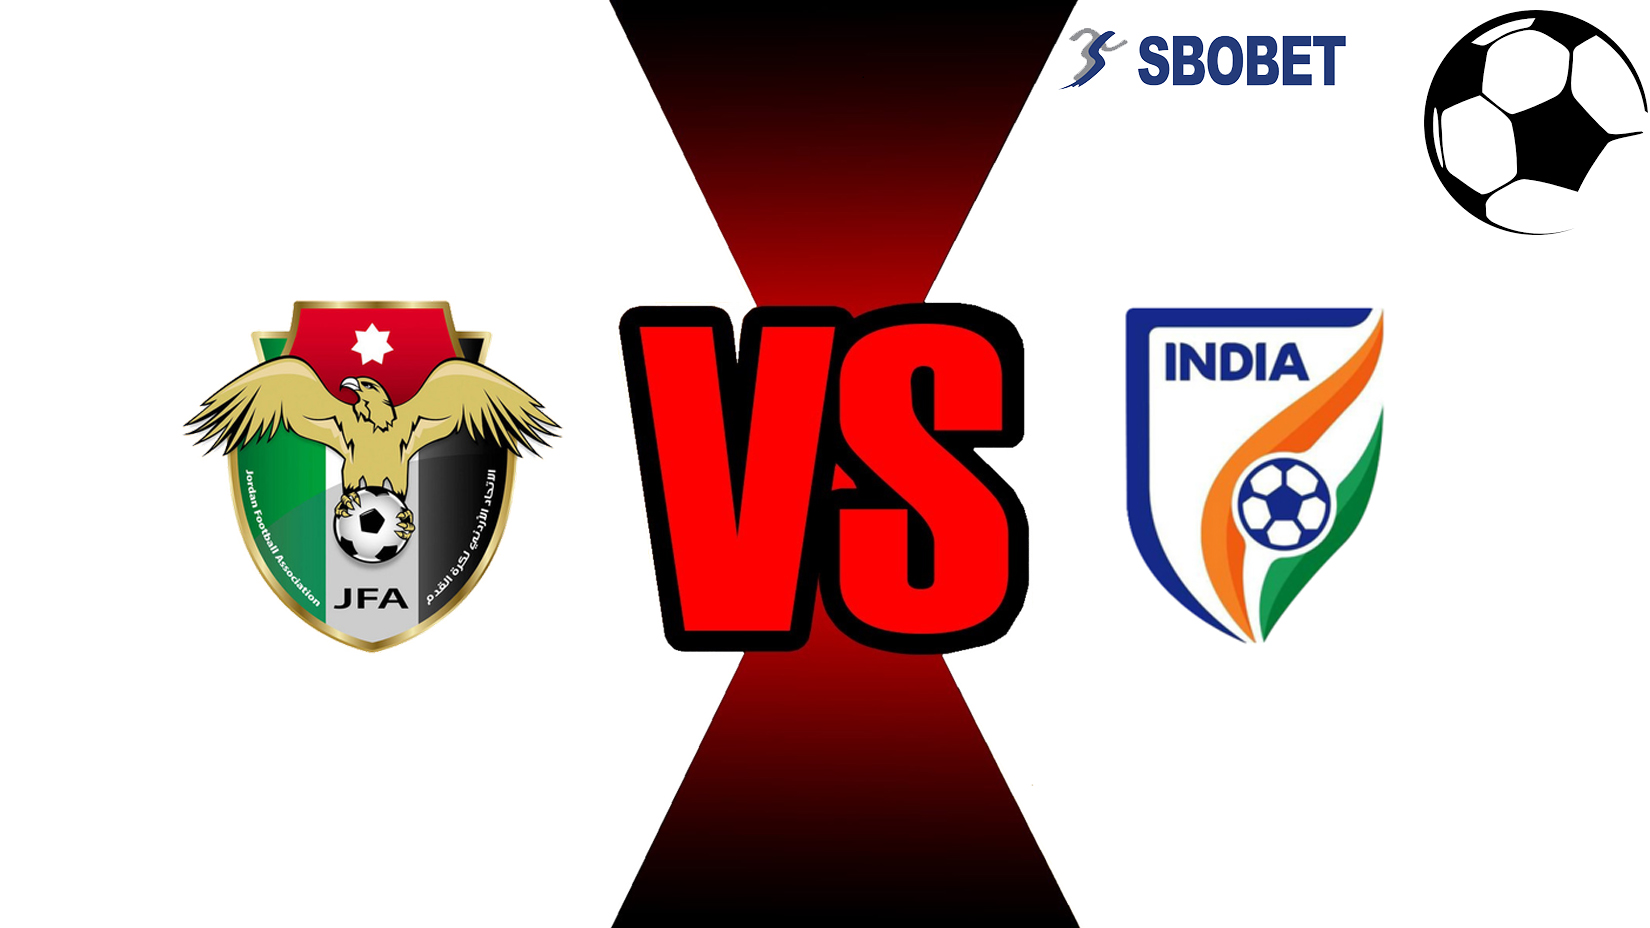 Prediksi Skor Bola Online Jordan vs India 18 November 2018